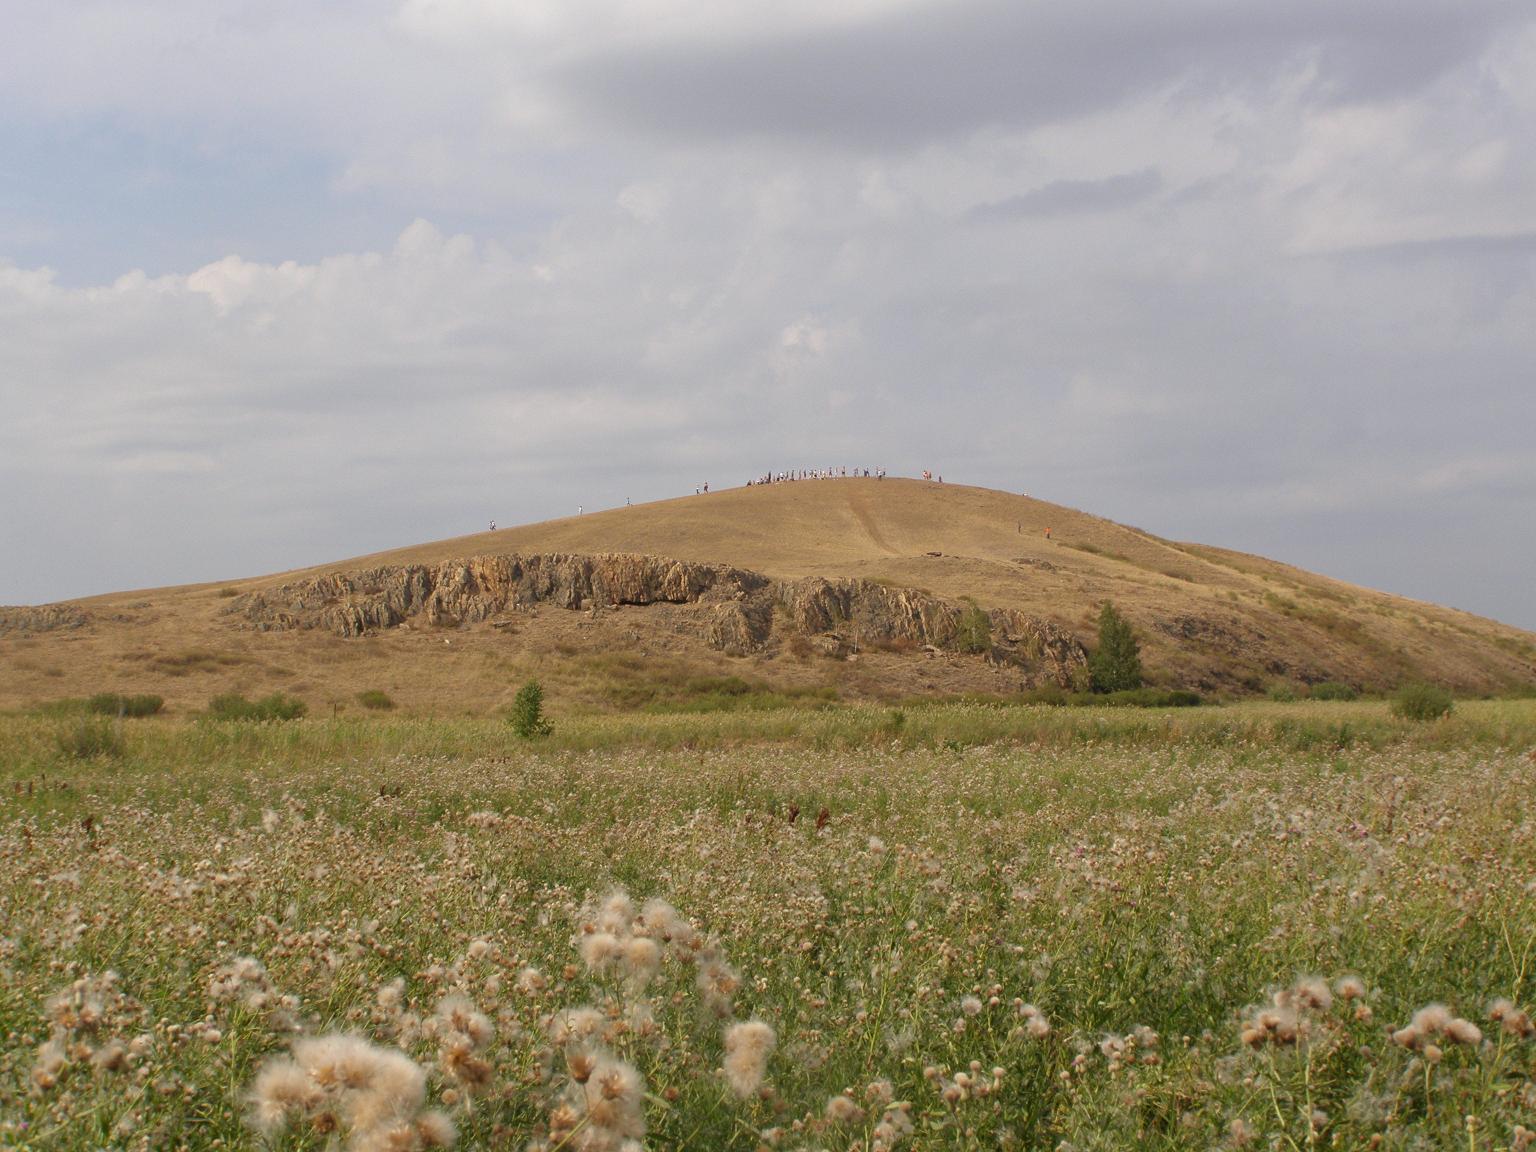 помещение аркаим фото челябинская область версия-саратов